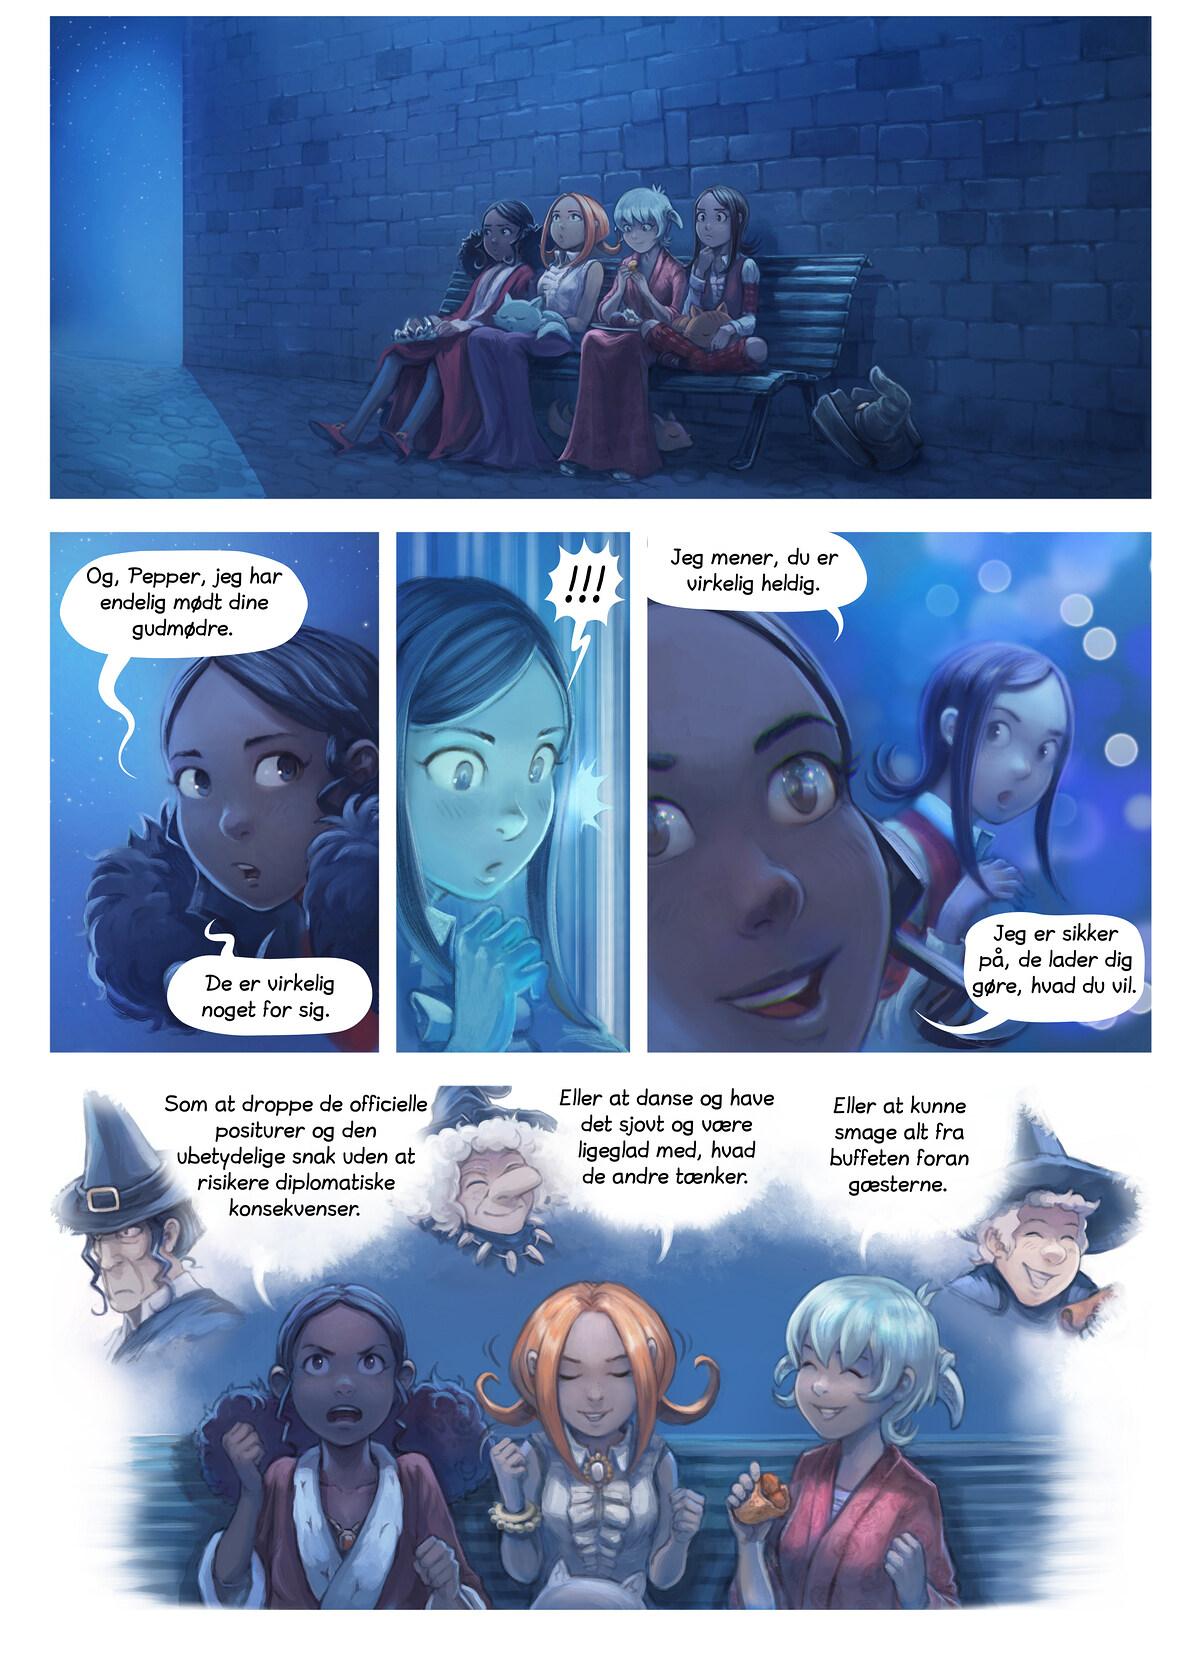 Episode 28: Festlighederne, Page 8